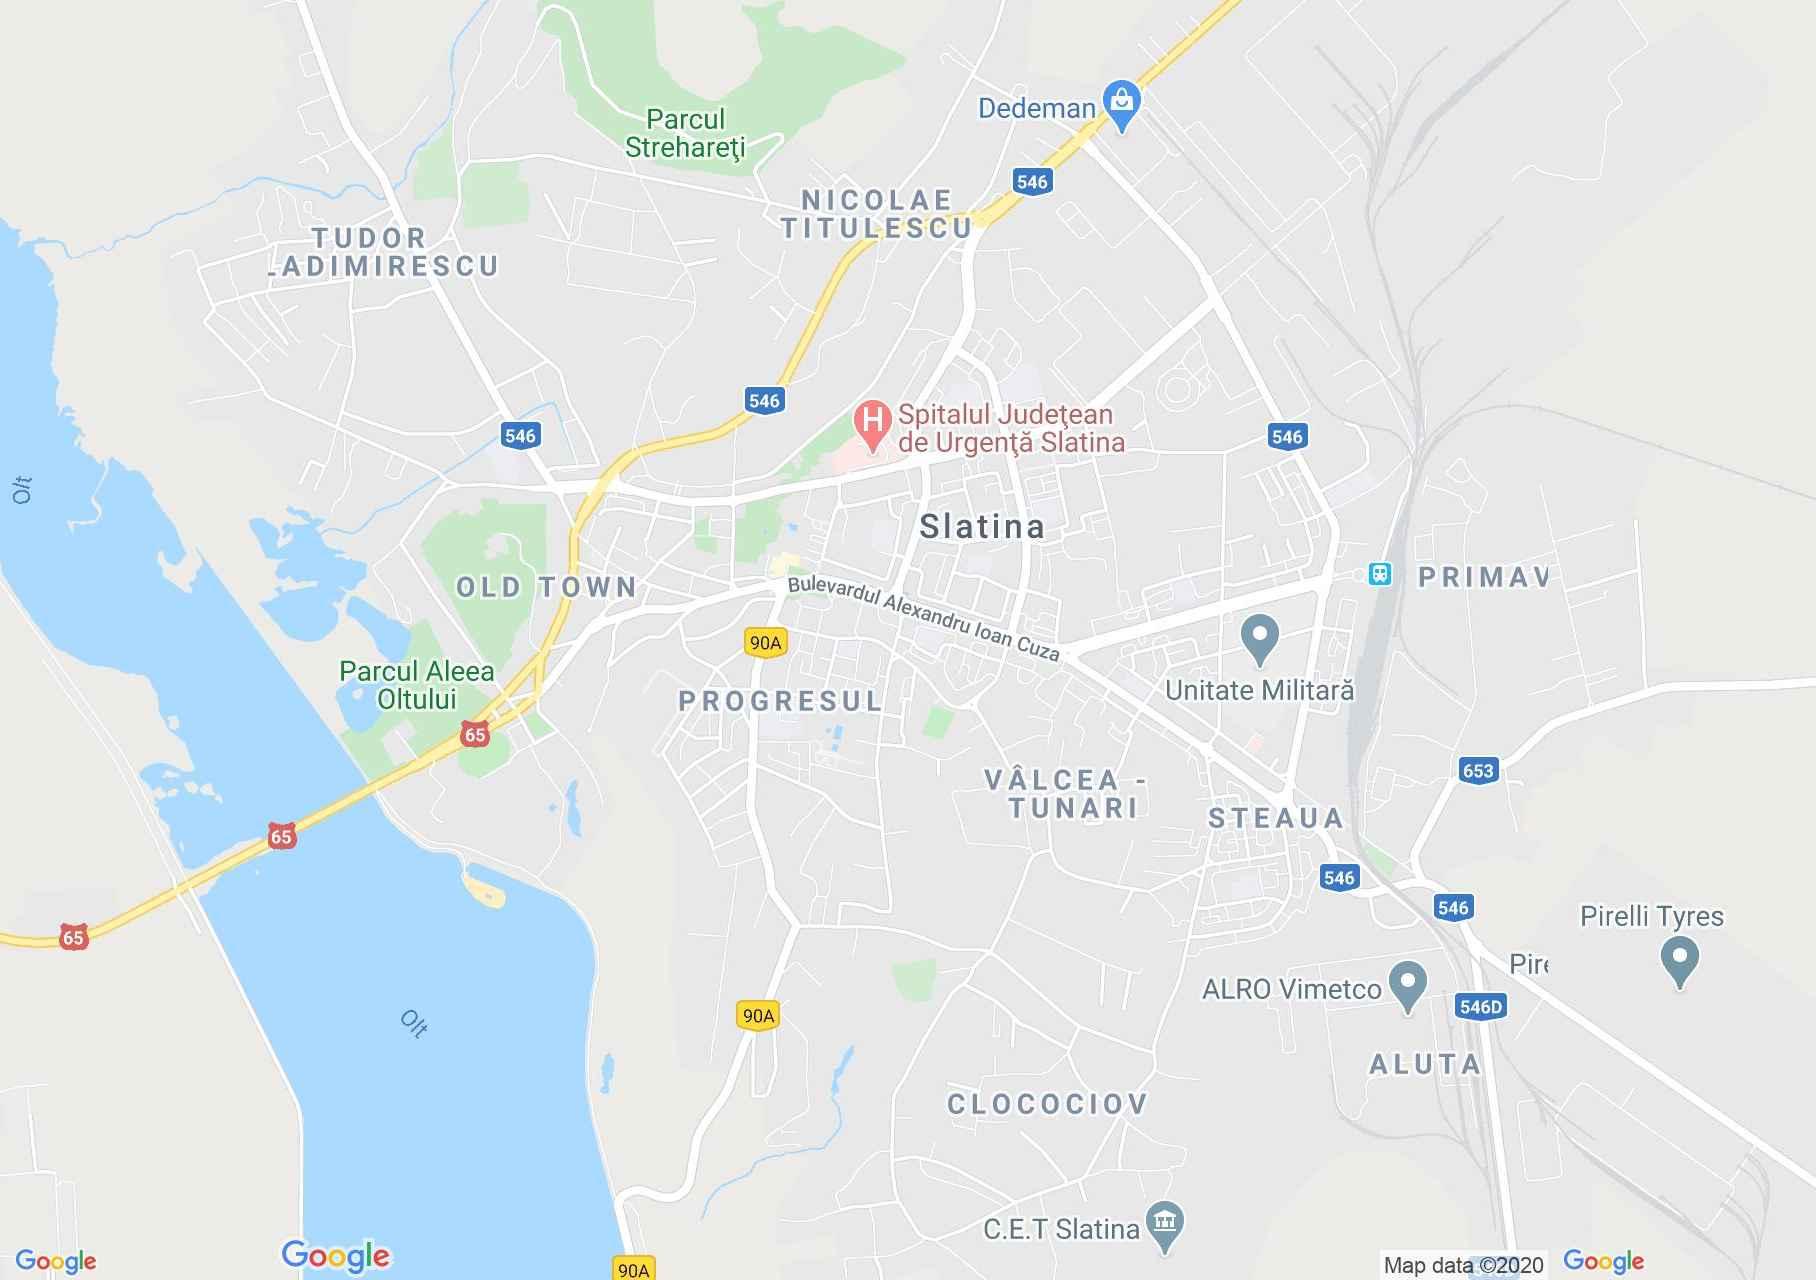 Szlatina interaktív turista térképe.